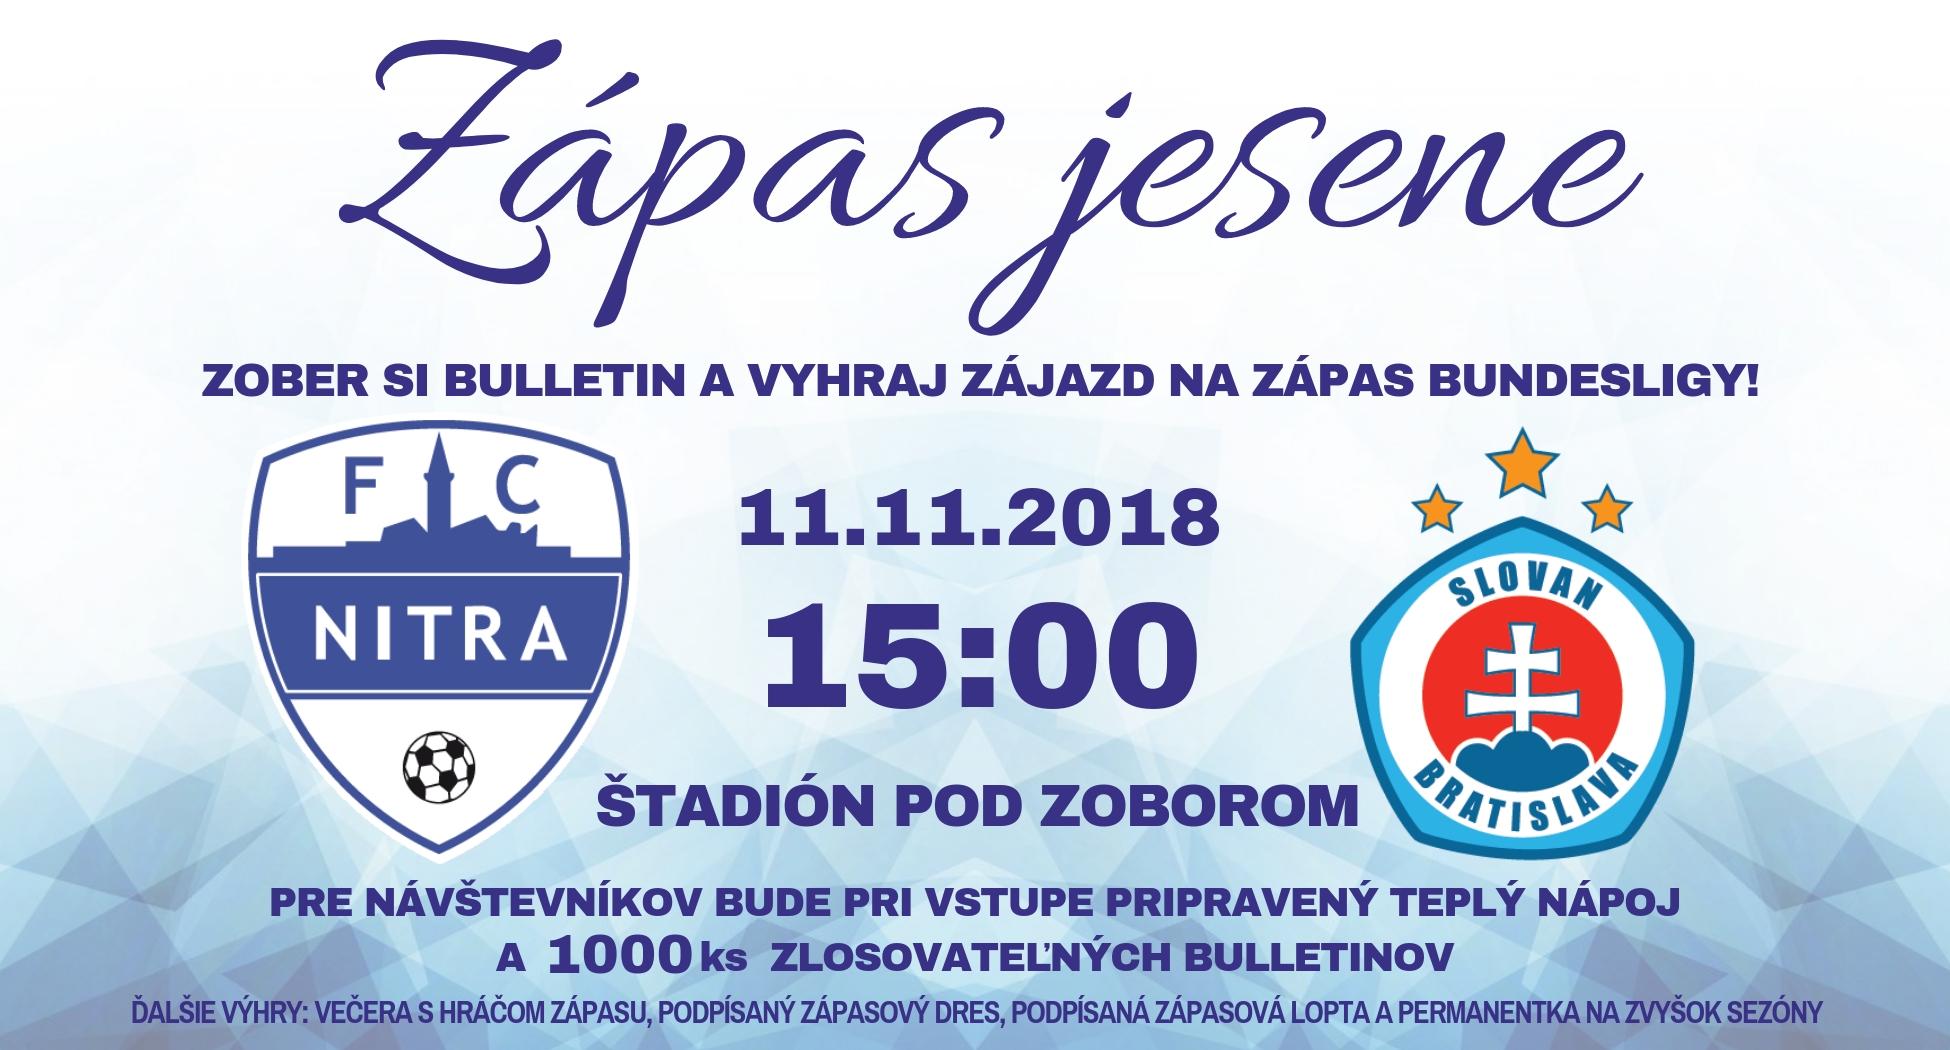 53786daf9b71a Jesenný zápas futbalových titánov FC NITR - Šport a relax   moja Nitra